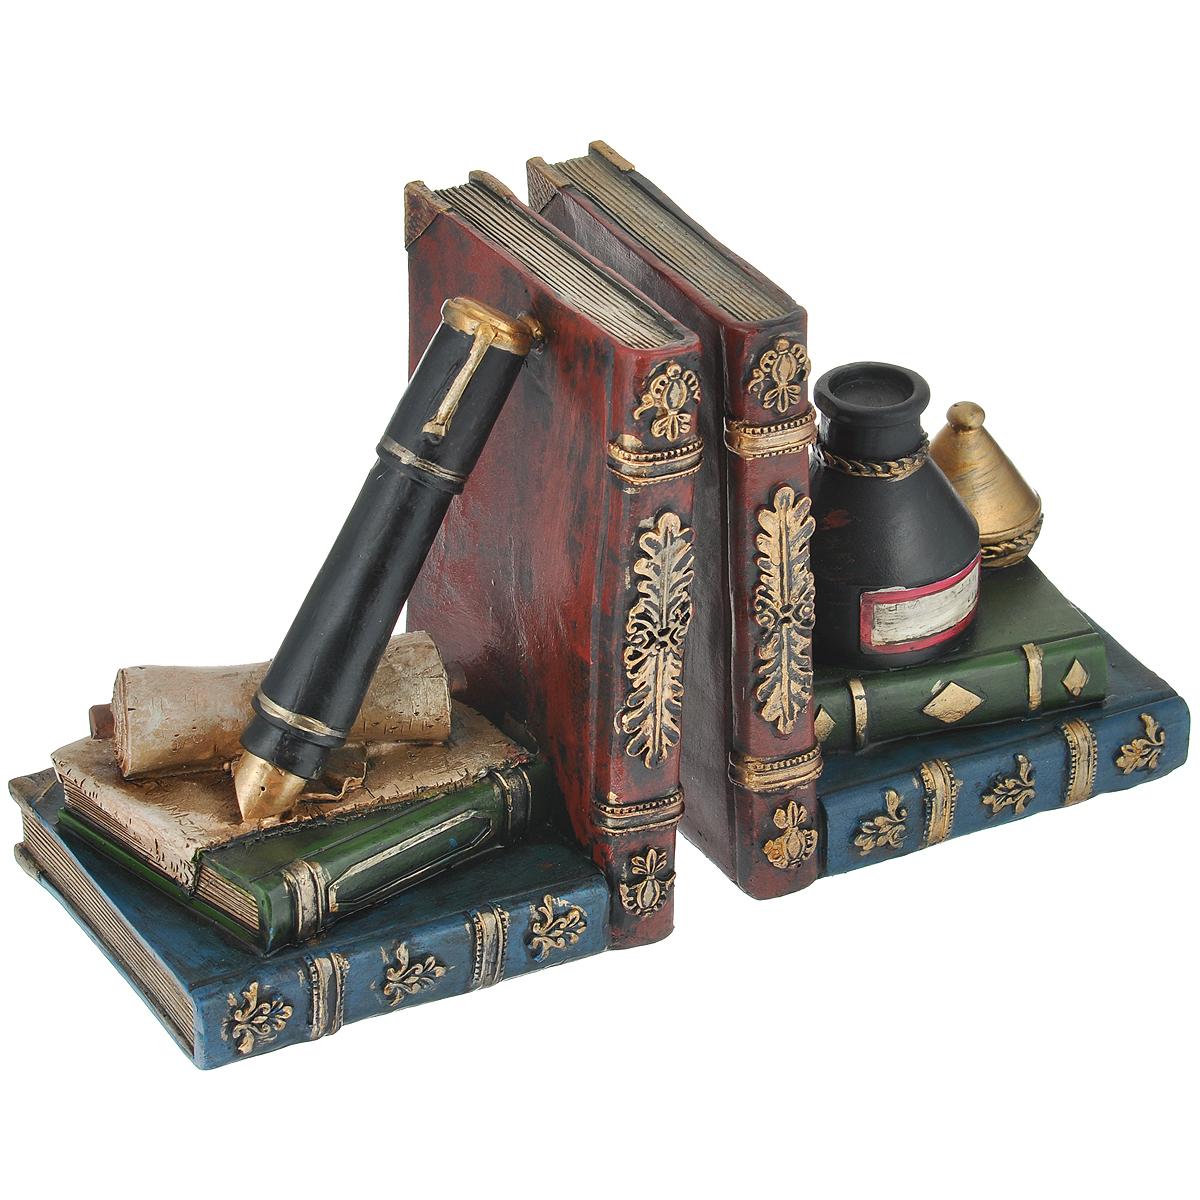 Декоративная подставка-ограничитель для книг Феникс-презент Алхимия, 2 шт ограничители для книг magic home ограничитель для книг эйфелева башня